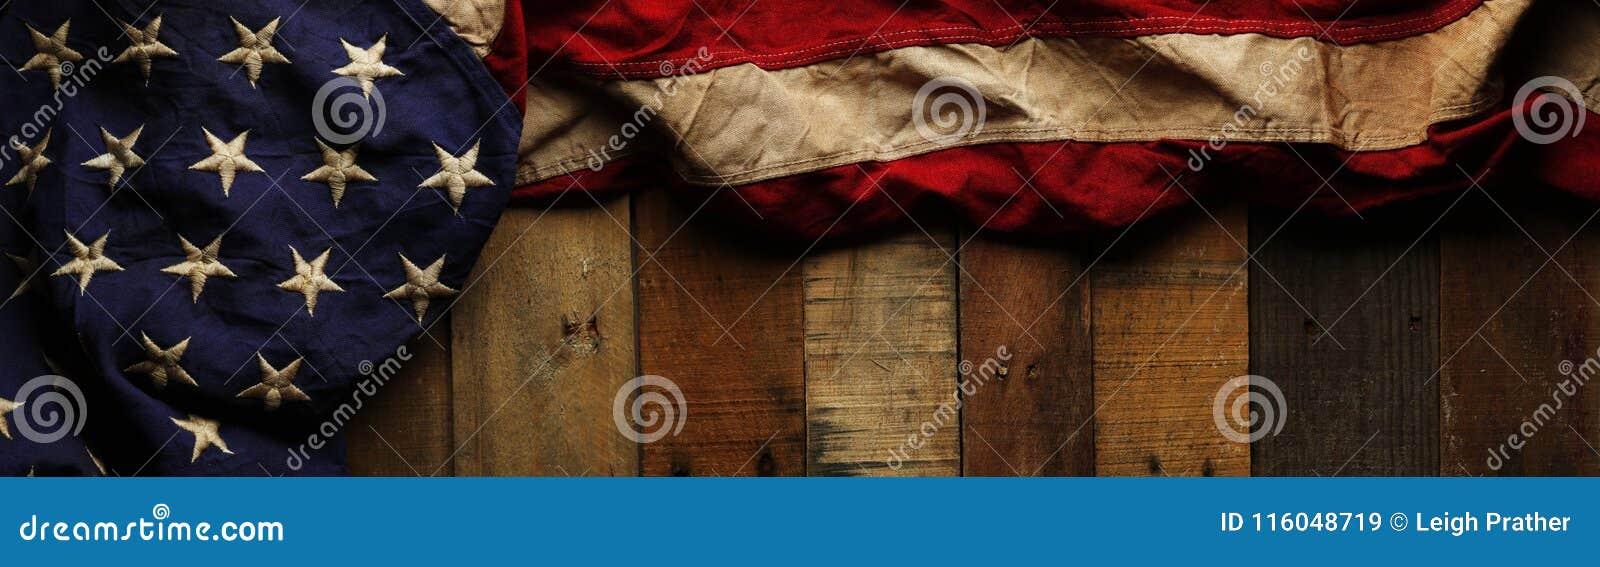 Röd, vit och blå amerikanska flaggan för tappning för minnesdagen